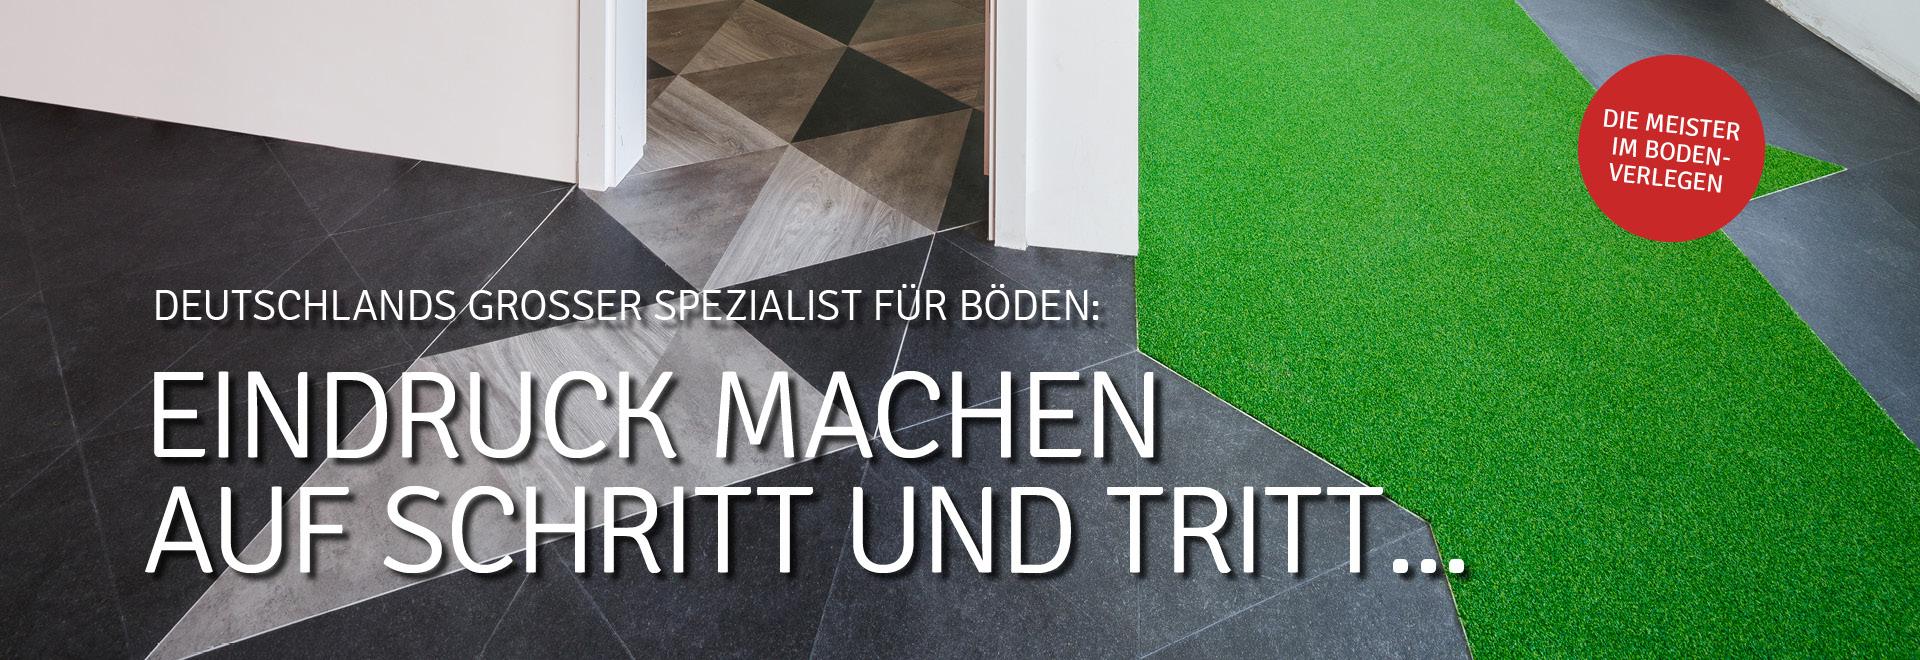 Bodenbeläge Mainz schmid bodenbeläge gmbh startseite